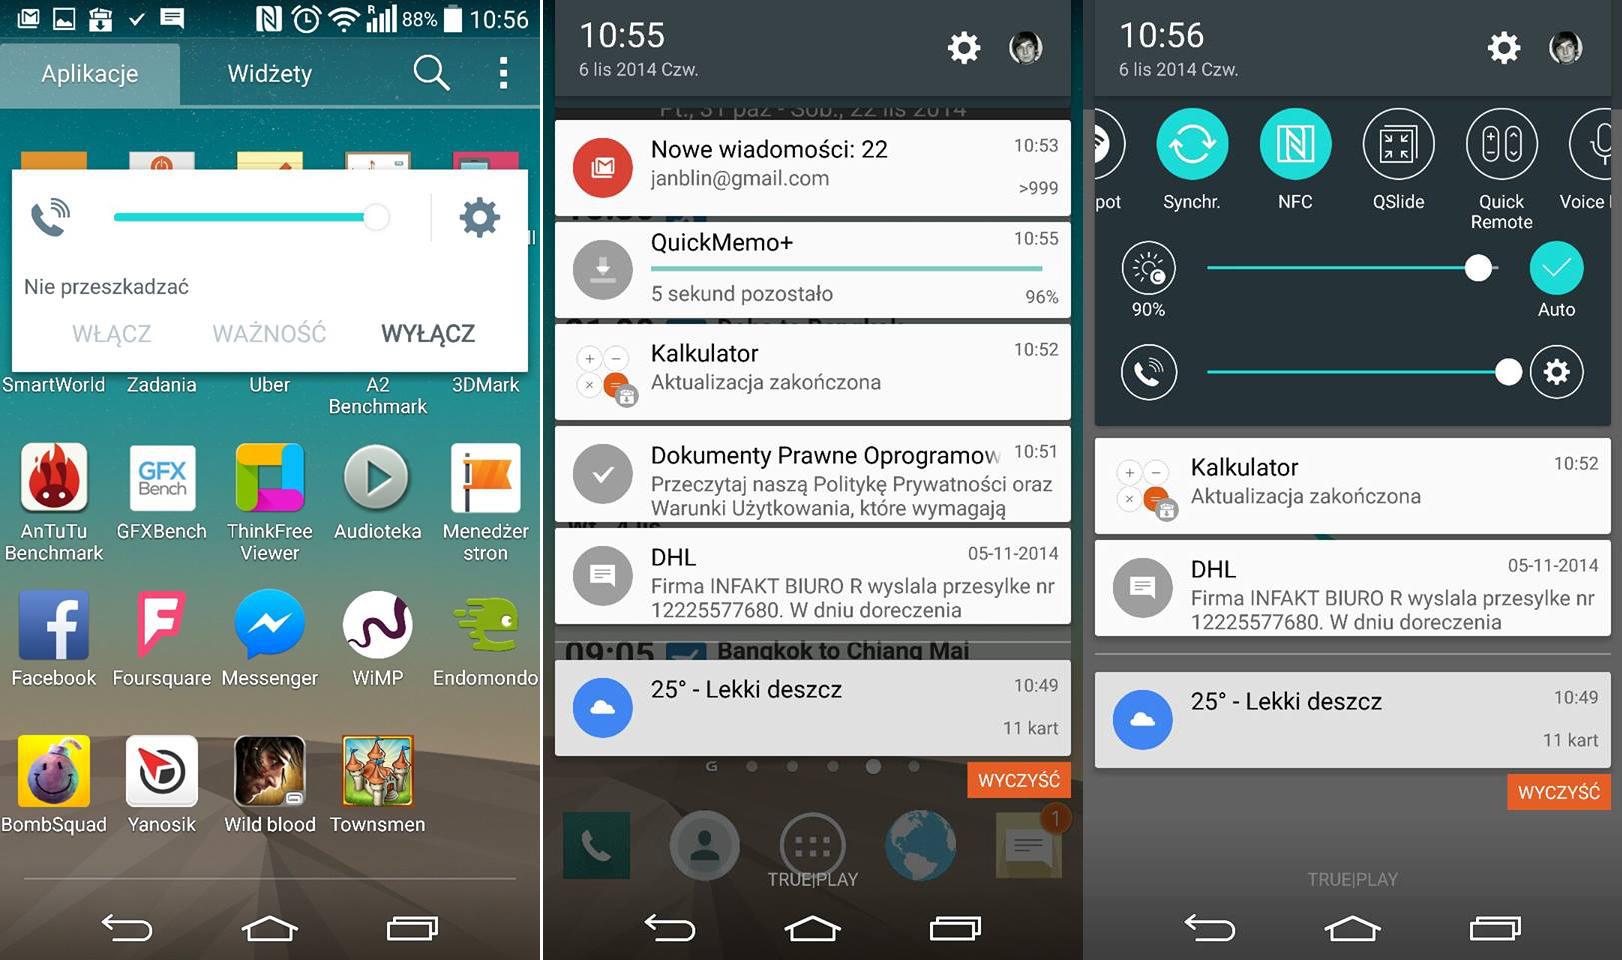 Déjà un aperçu du LG G3 sous Android Lollipop